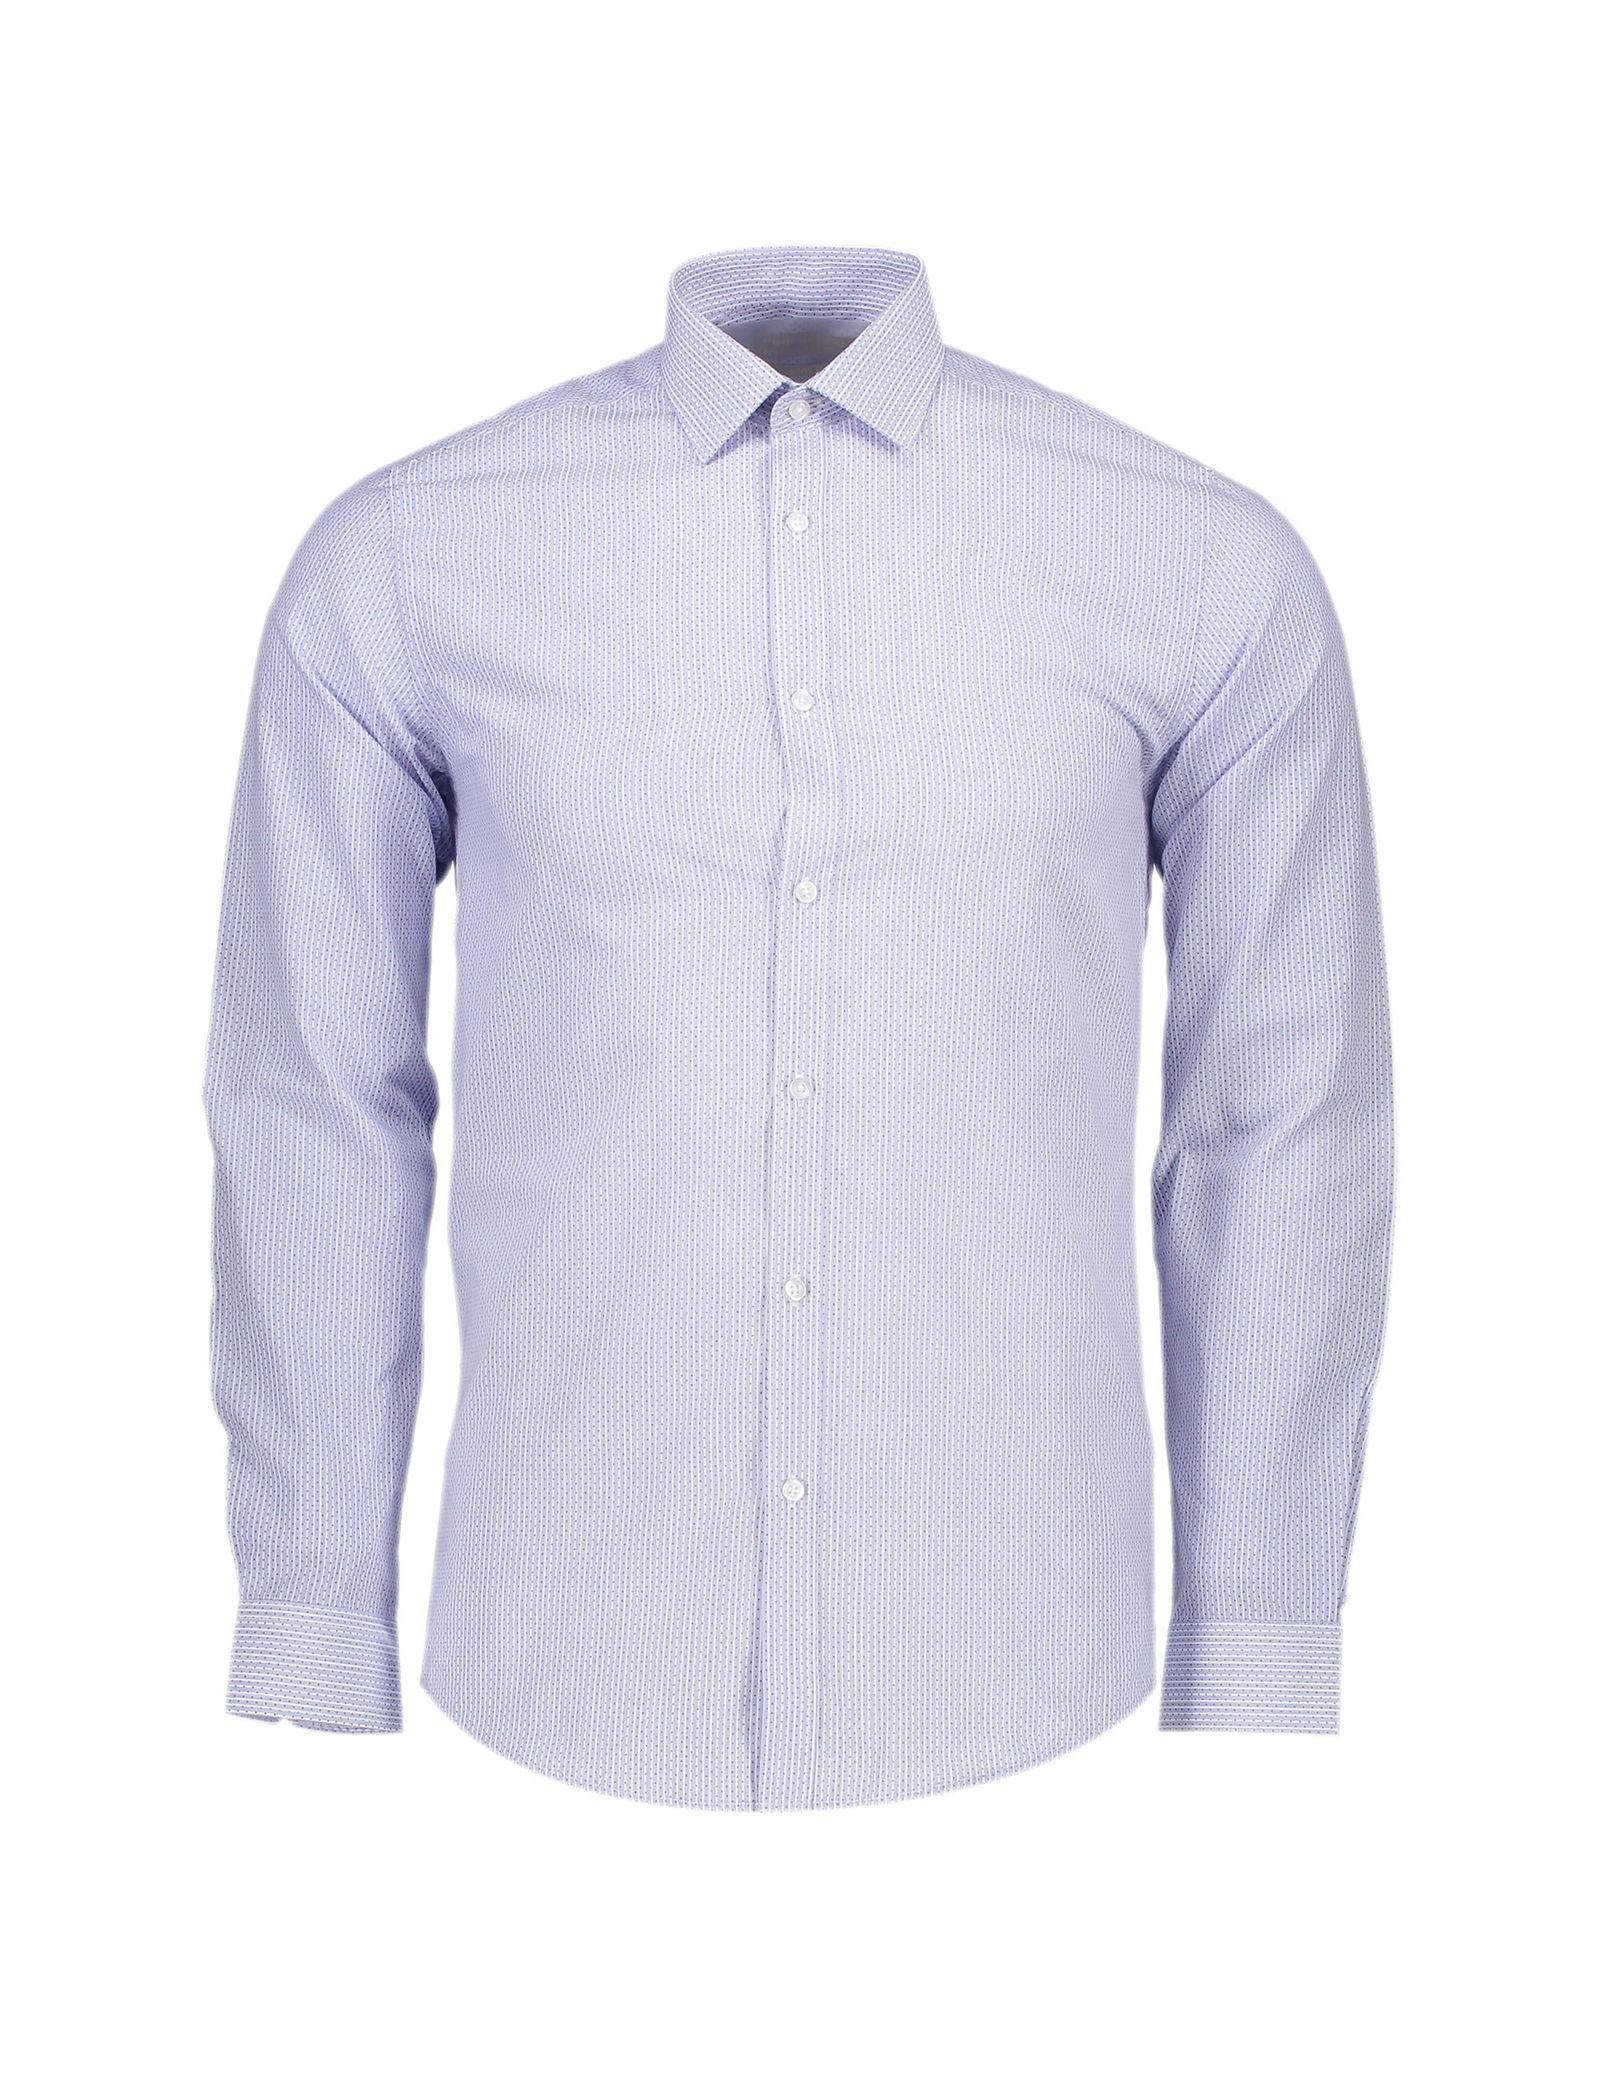 پیراهن رسمی مردانه - رد هرینگ - آبي روشن - 1